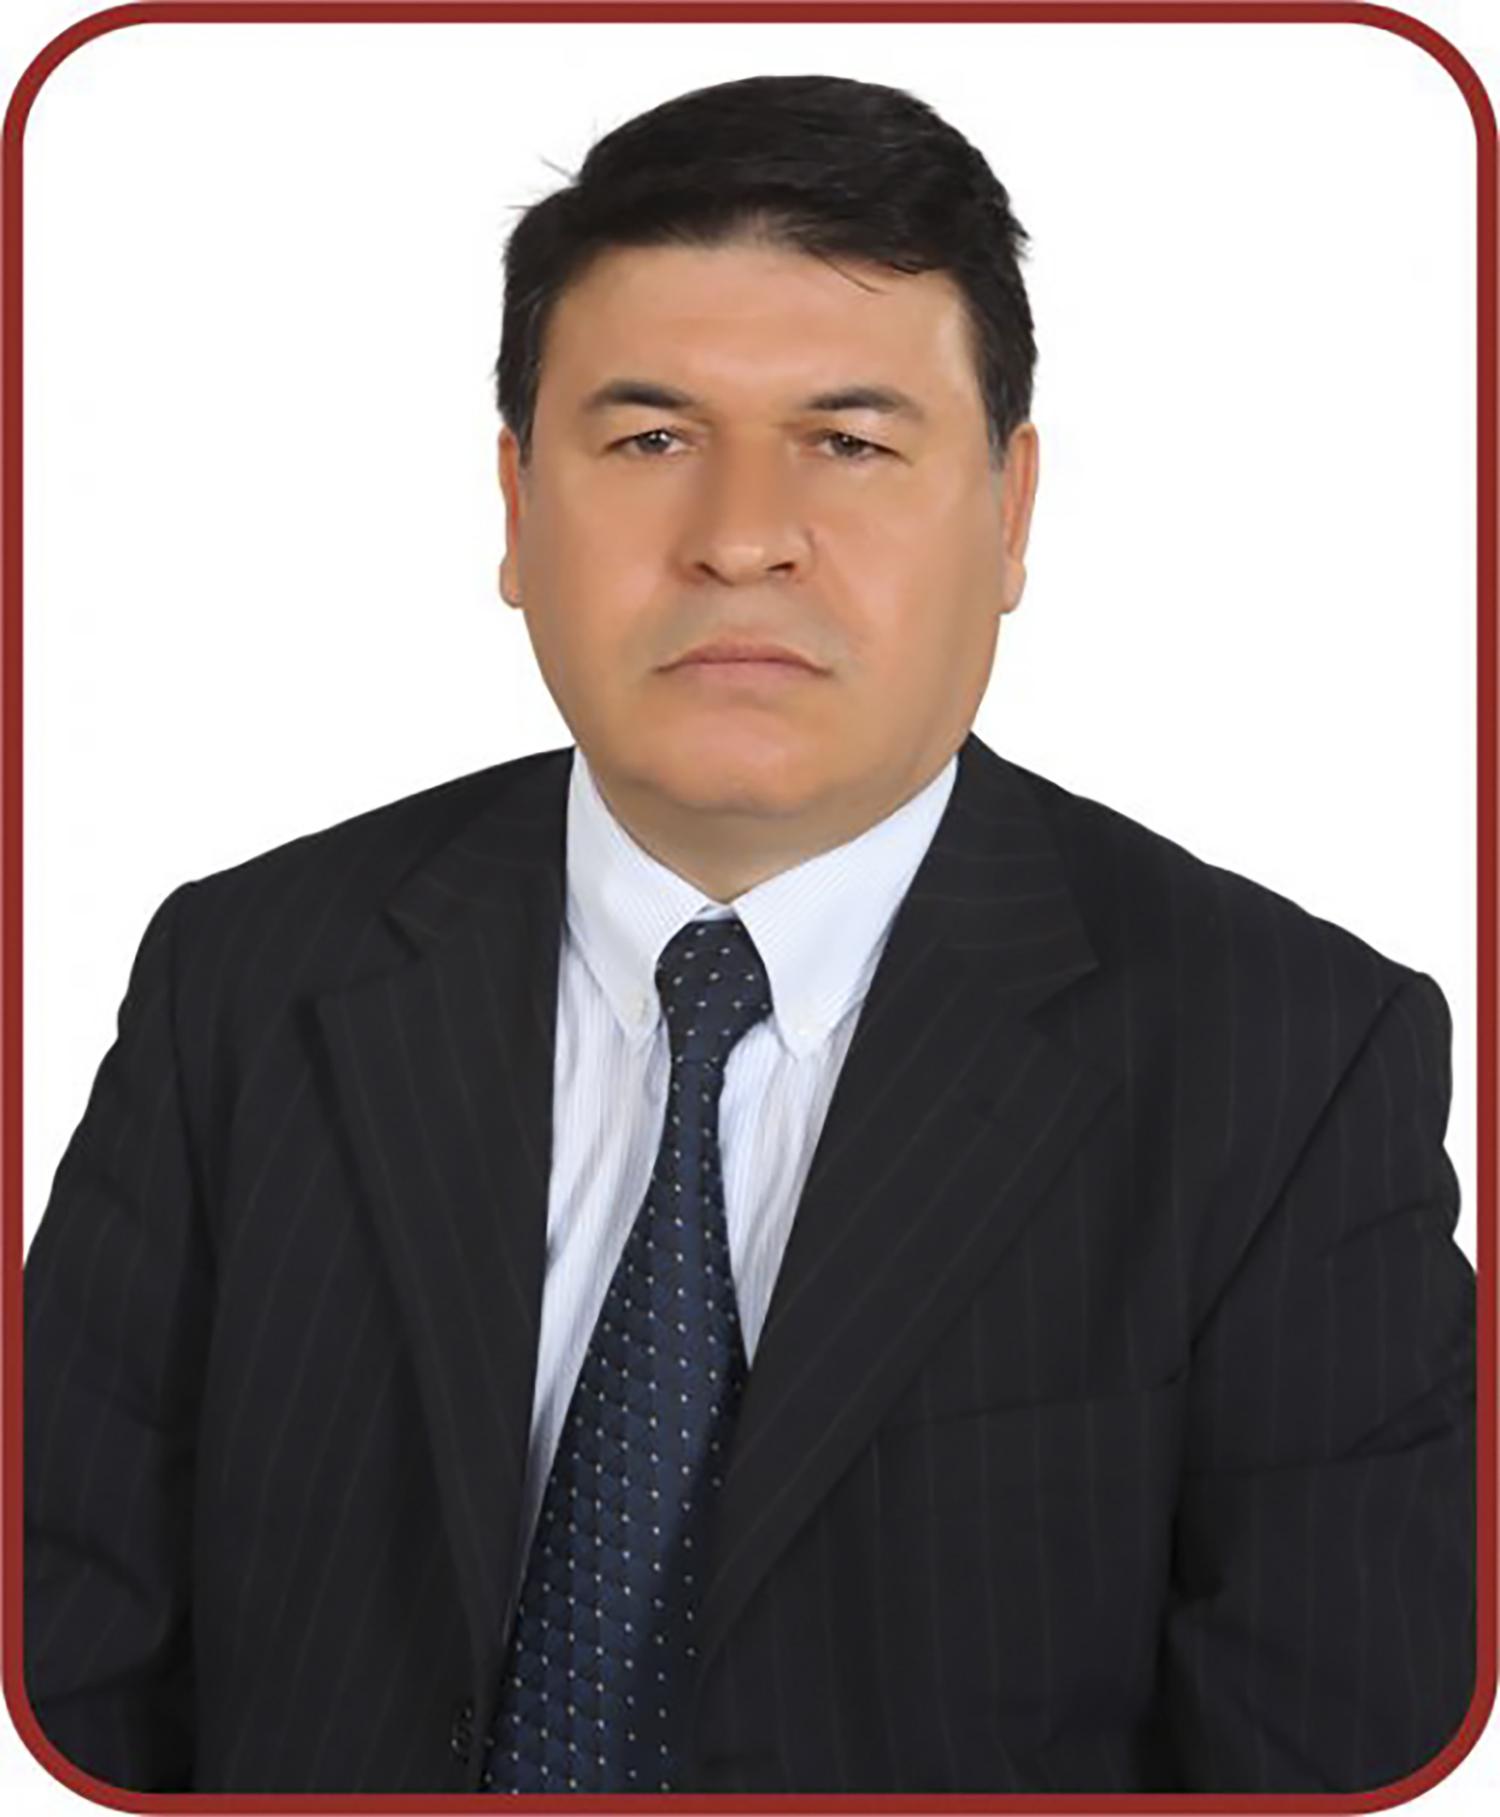 Esat Köse MHP İlçe Başkanlığına Adaylığını Açıkladı